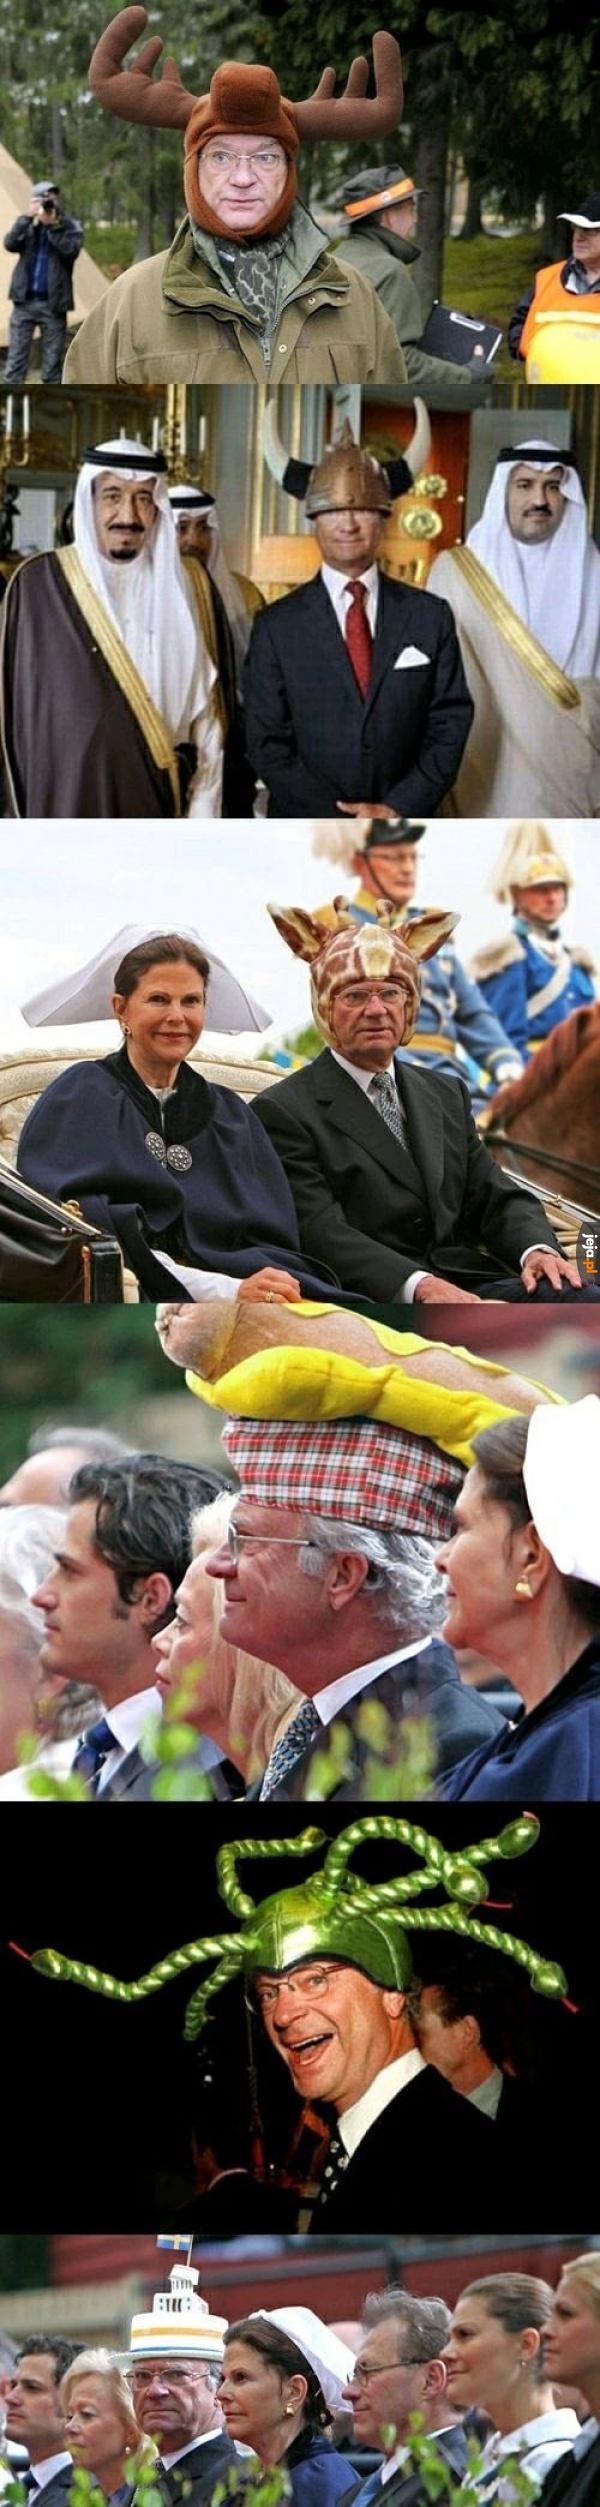 Jestę Królę Szwecji